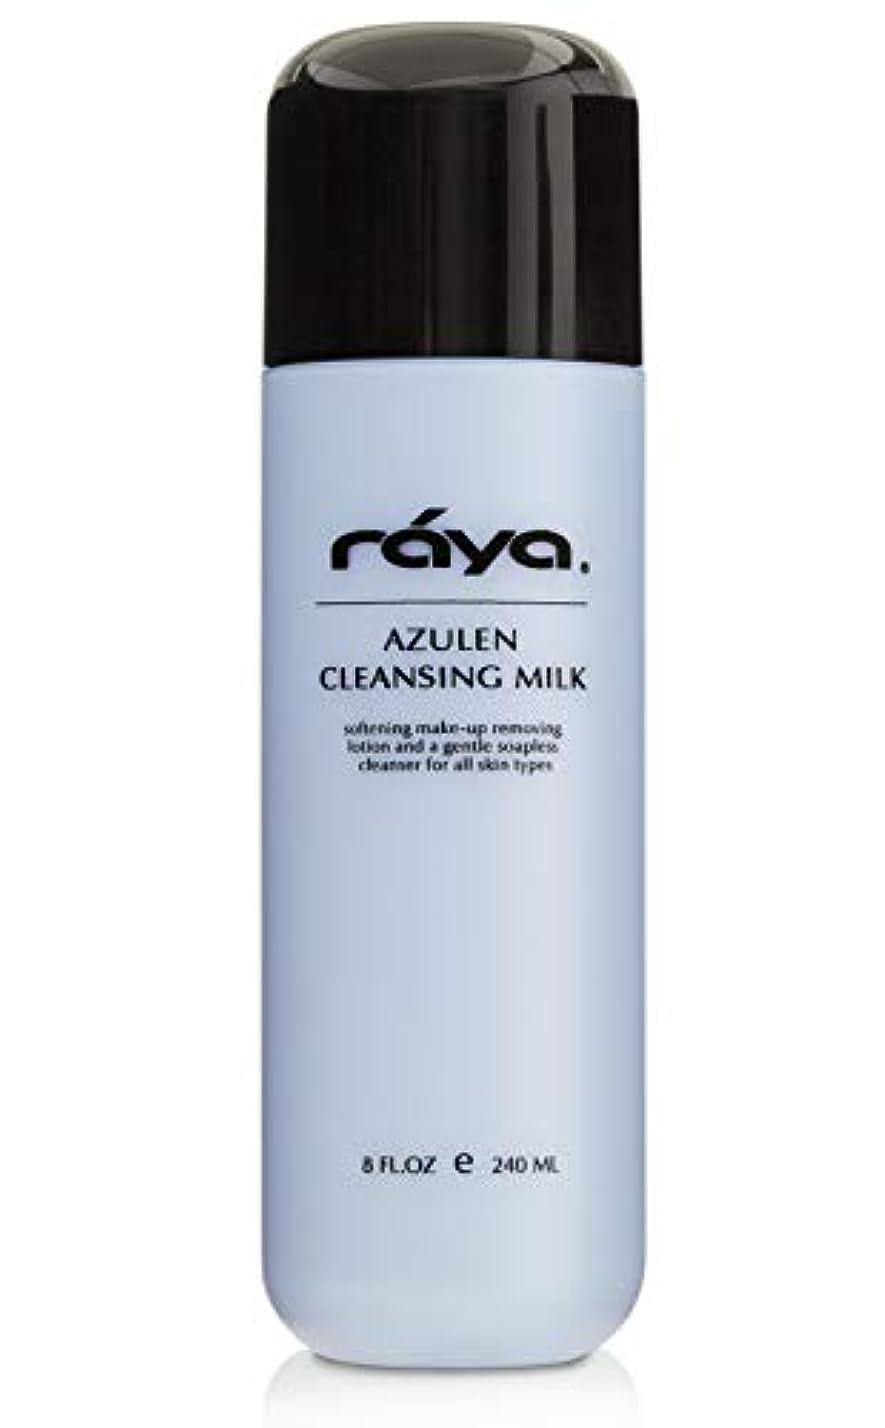 独立したコメントエイズRaya アズレン洗顔ミルク (150) 心を落ち着かせると精製、ソープフリーの液体クレンザーとメイクアップローションを削除します アズレンエキスとアロエベラで作られ 敏感肌のためのグレート 8 fl-oz